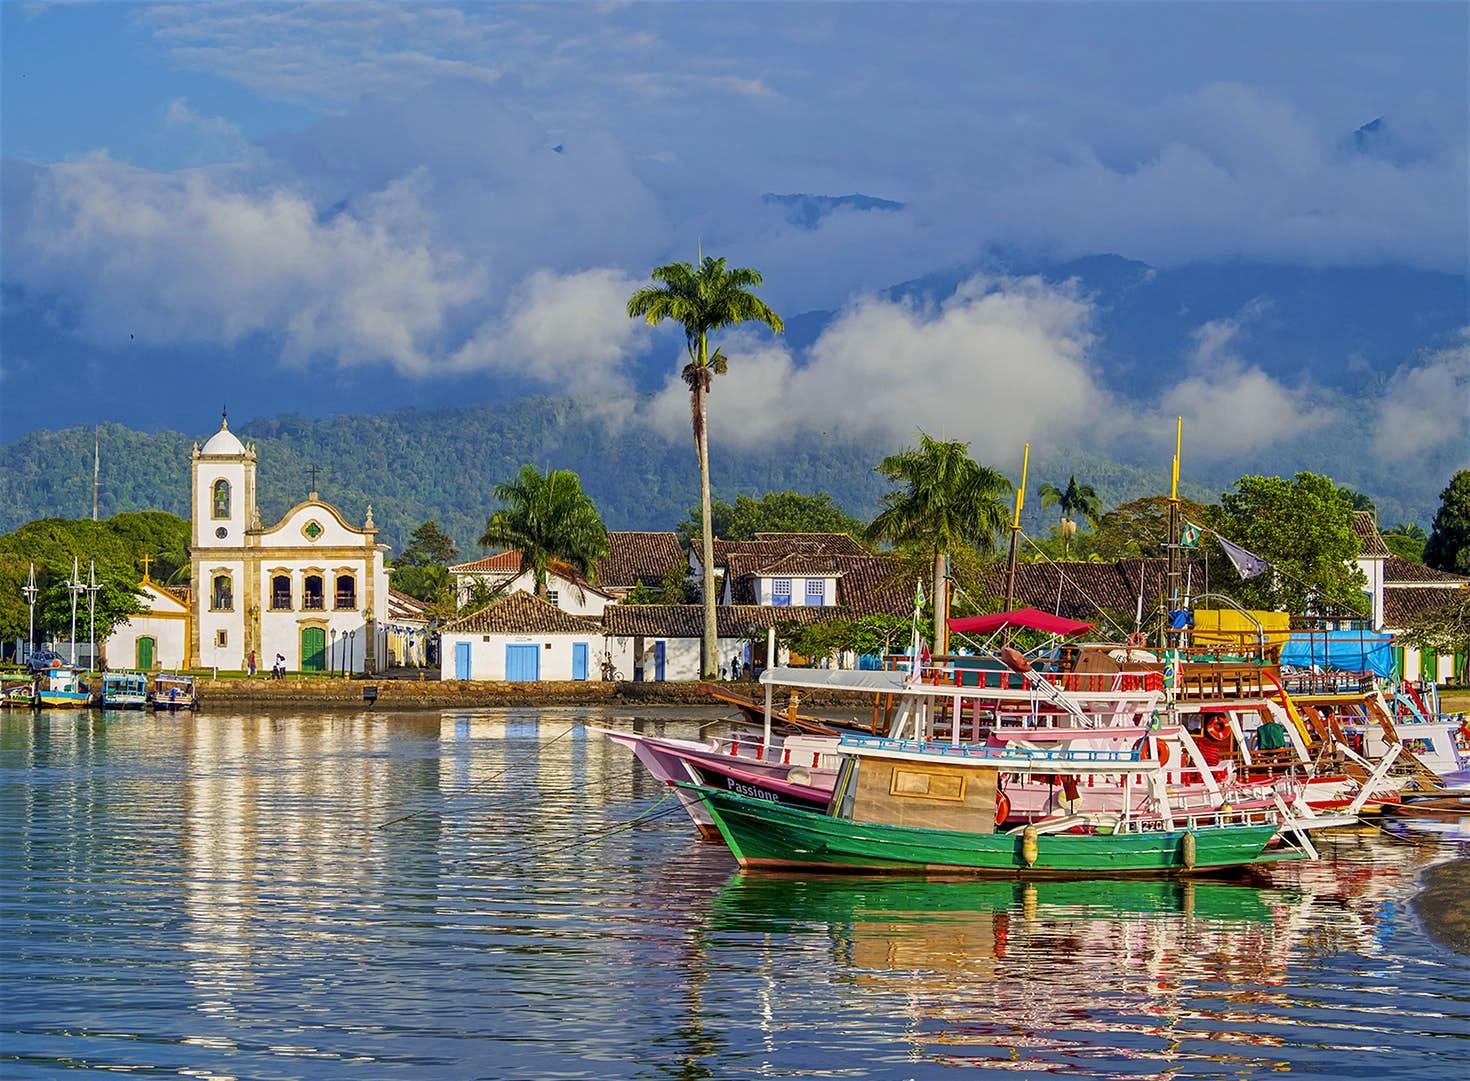 Paraty se torna o primeiro sítio misto do Patrimônio Mundial no Brasil   Notícias   Revista Ambrosia